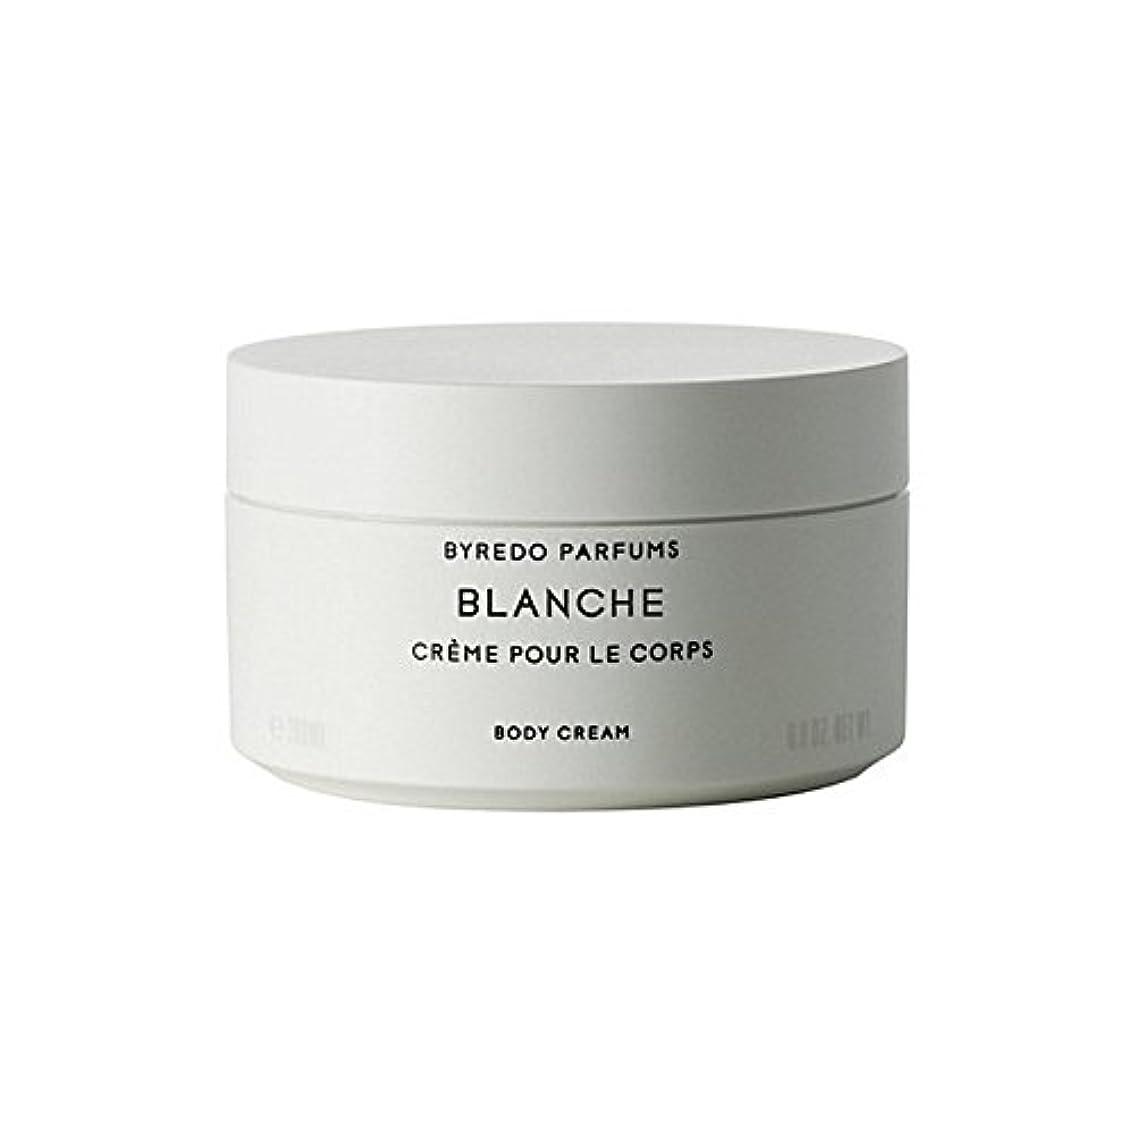 ブランシュボディクリーム200ミリリットル x4 - Byredo Blanche Body Cream 200ml (Pack of 4) [並行輸入品]